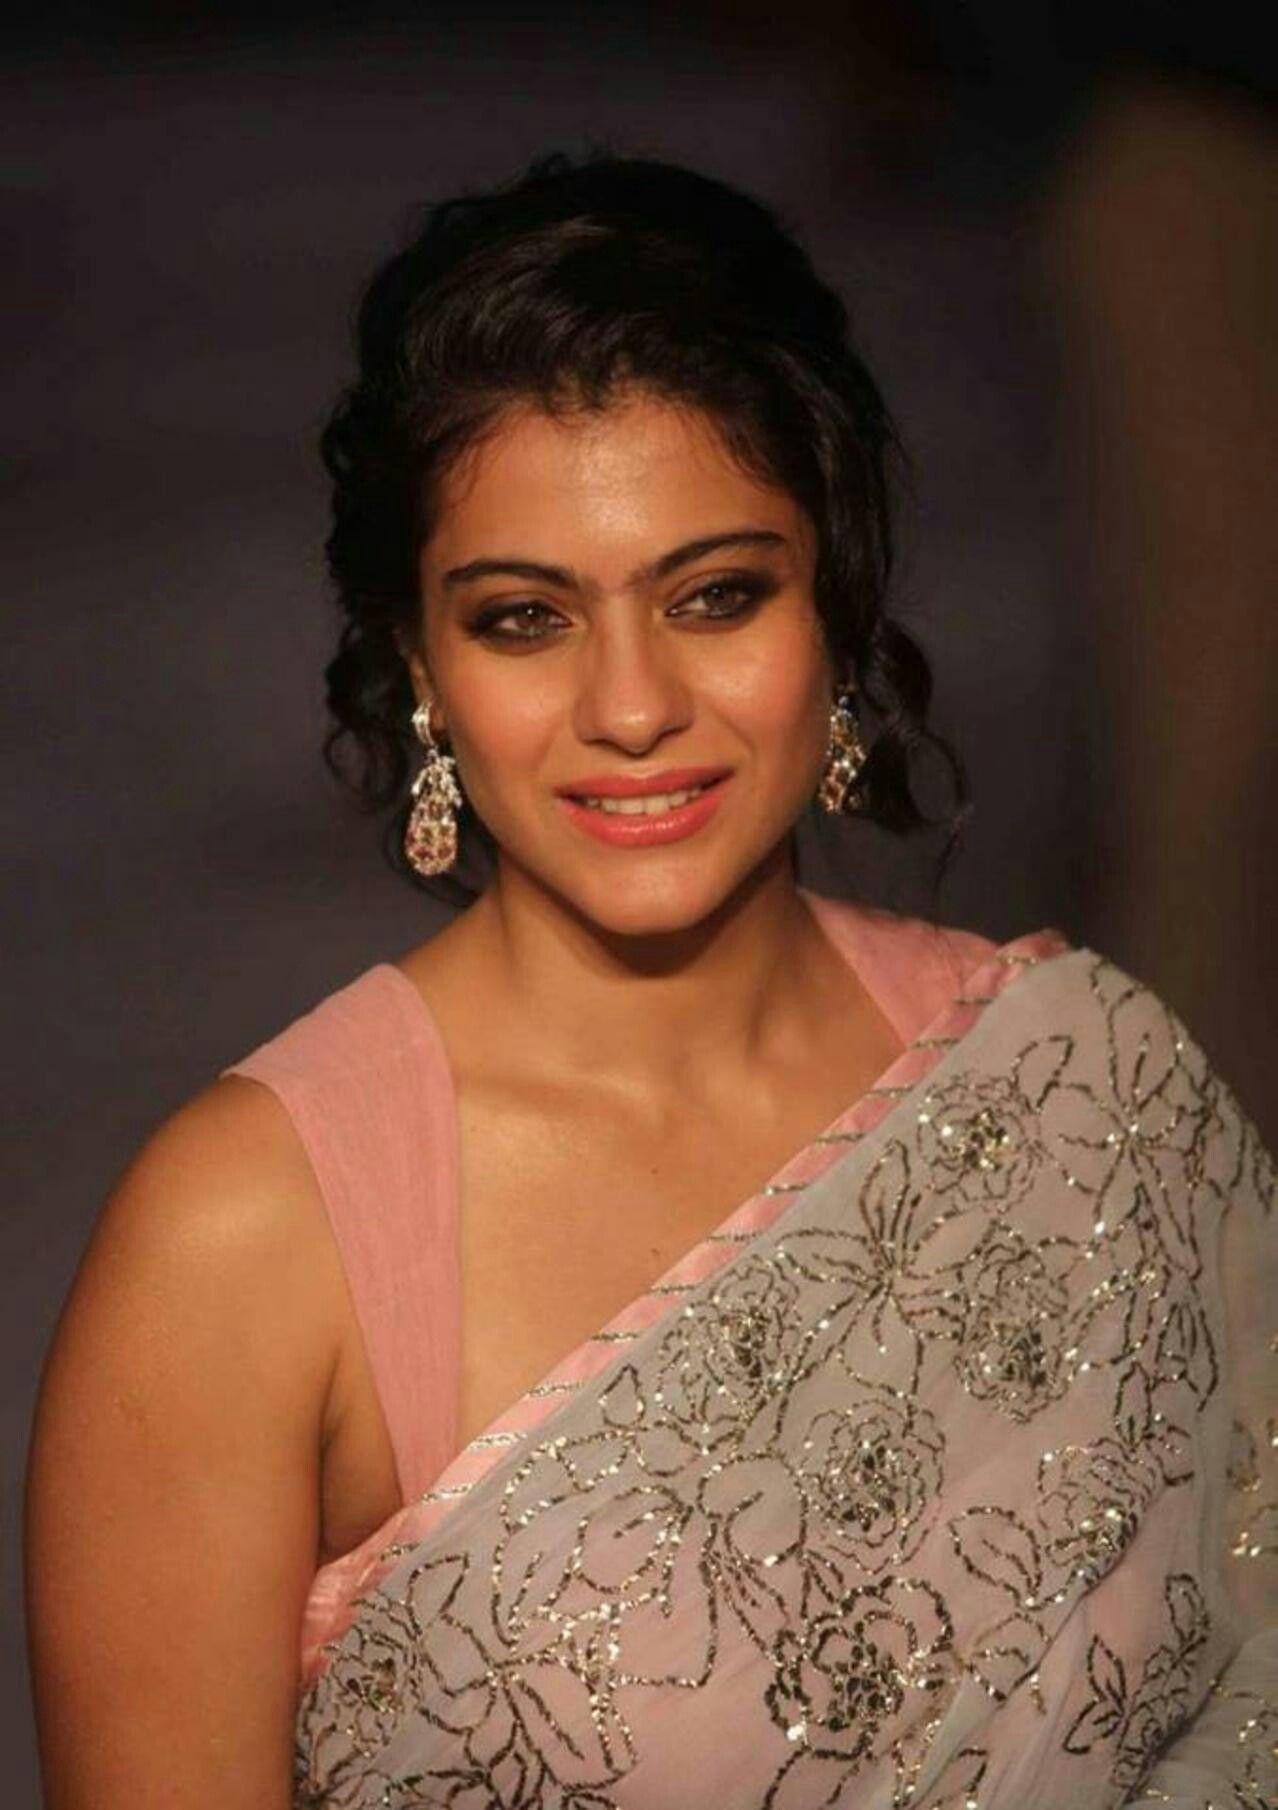 fashion#teen#hot#sexy#cleavage#body#bikini#curvy#indiangirl#girl